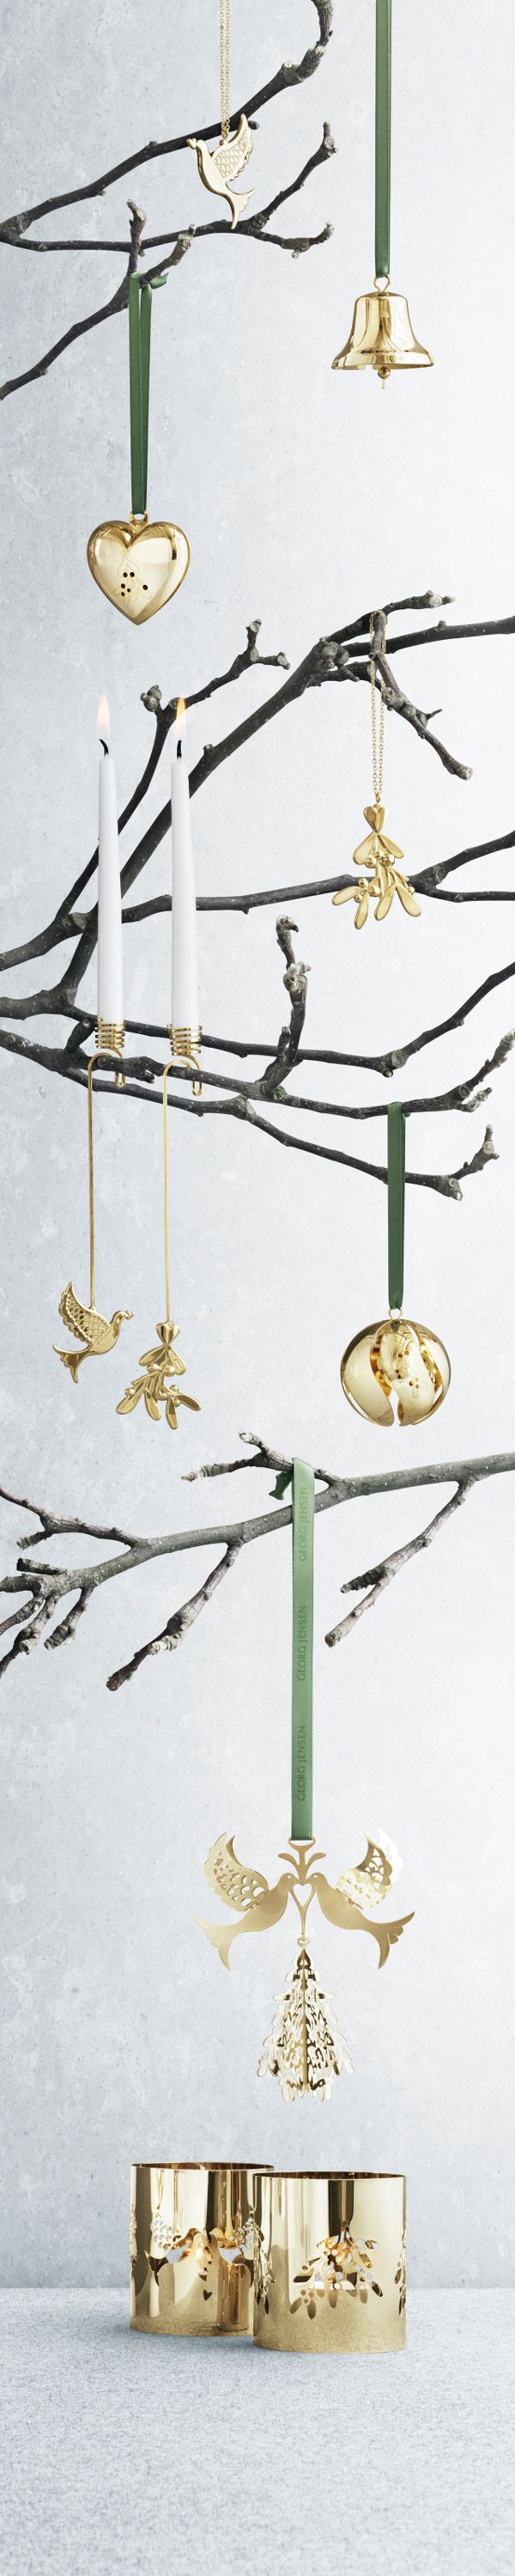 Family christmas collection Georg Jensen 2014 Jeg har juleophæng 2014 med mistelten, alle andre her ønsker.